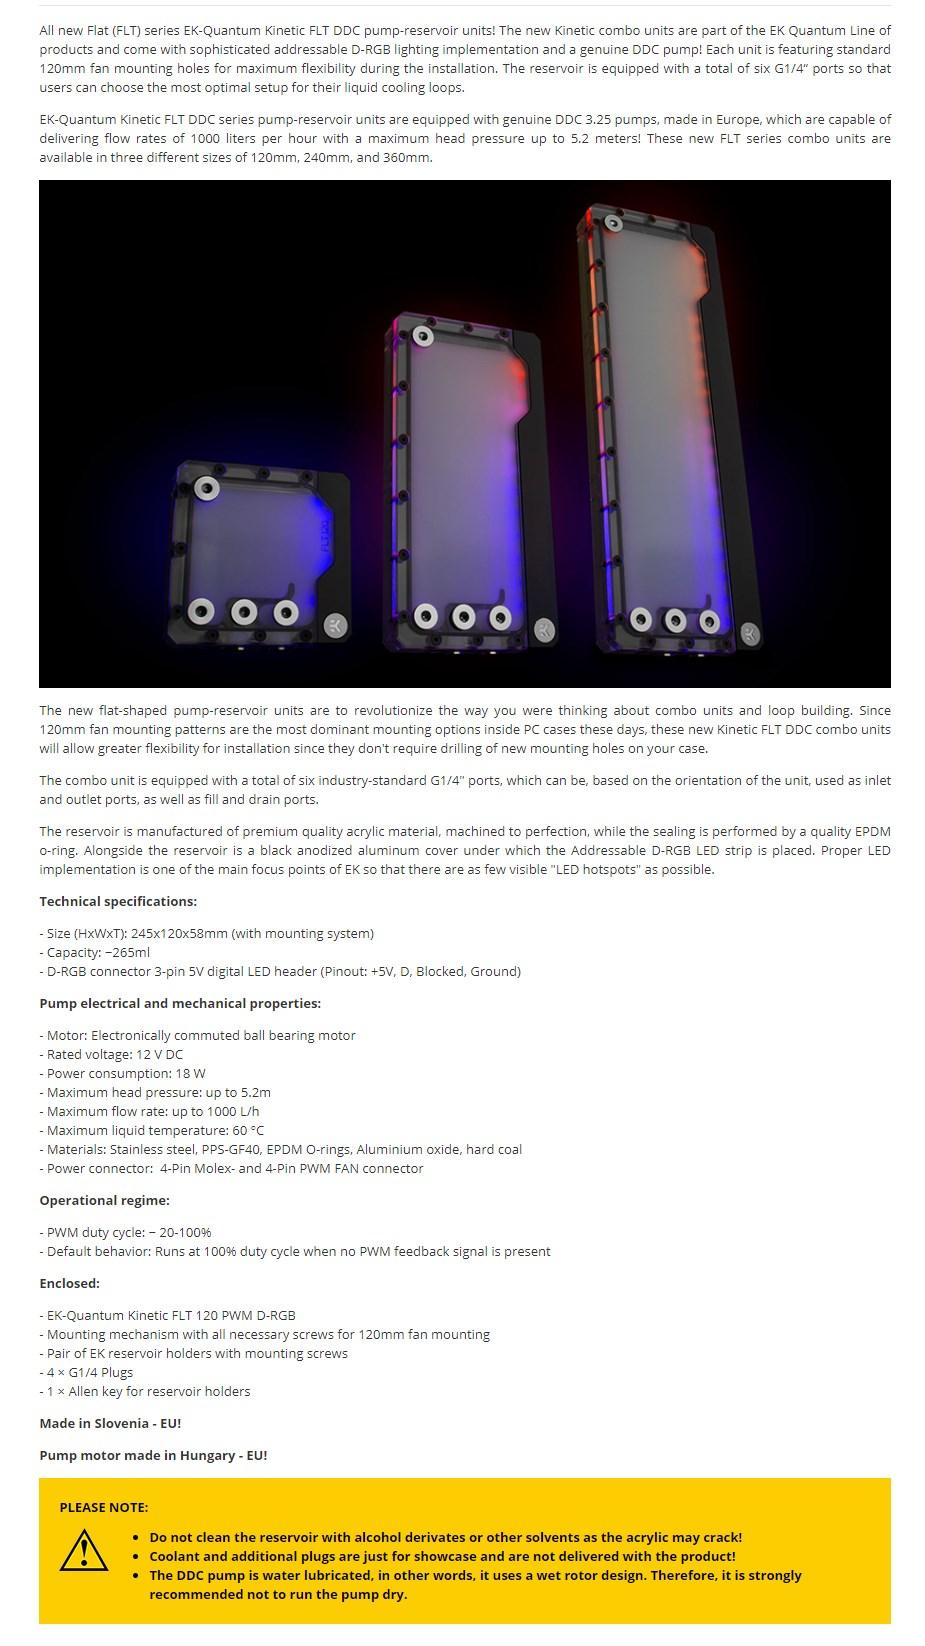 EKWB EK-Quantum Kinetic FLT 240 DDC PWM D-RGB Plexi Reservoir Pump Combo - Overview 1